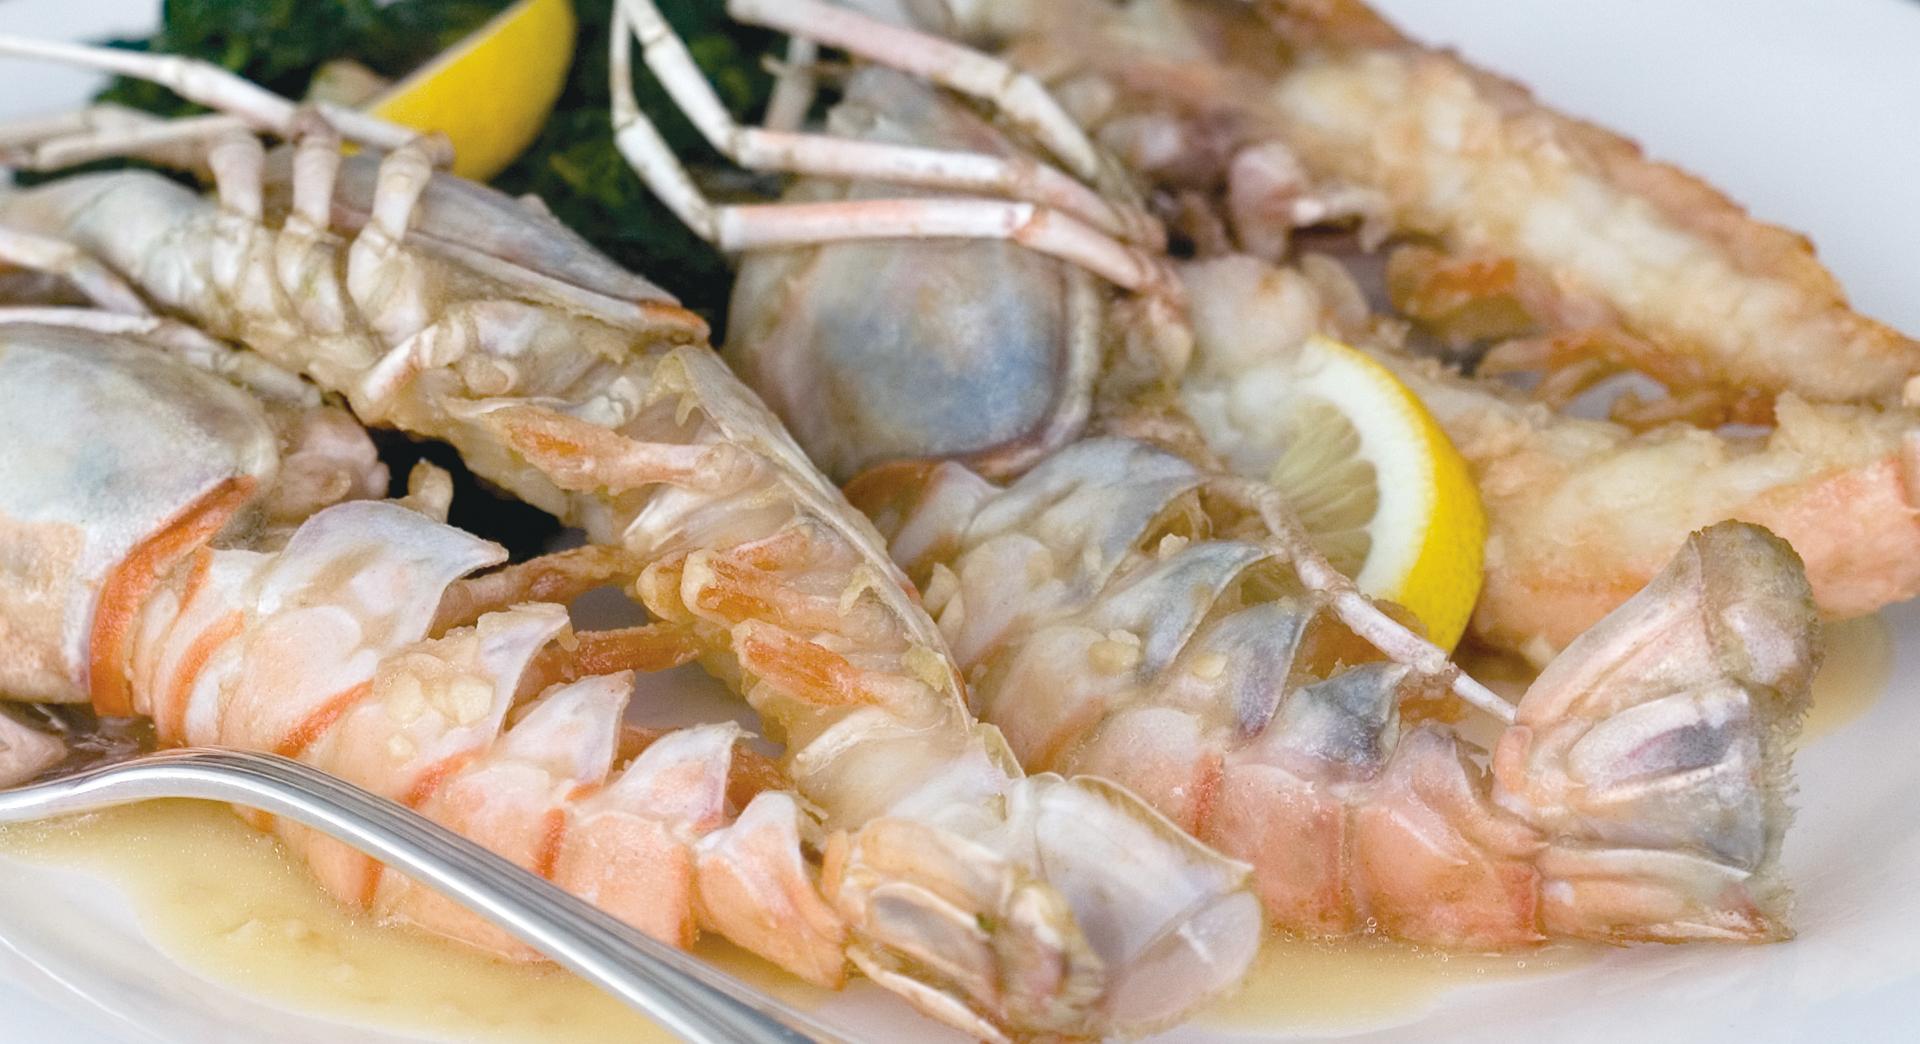 shrimp and lemon